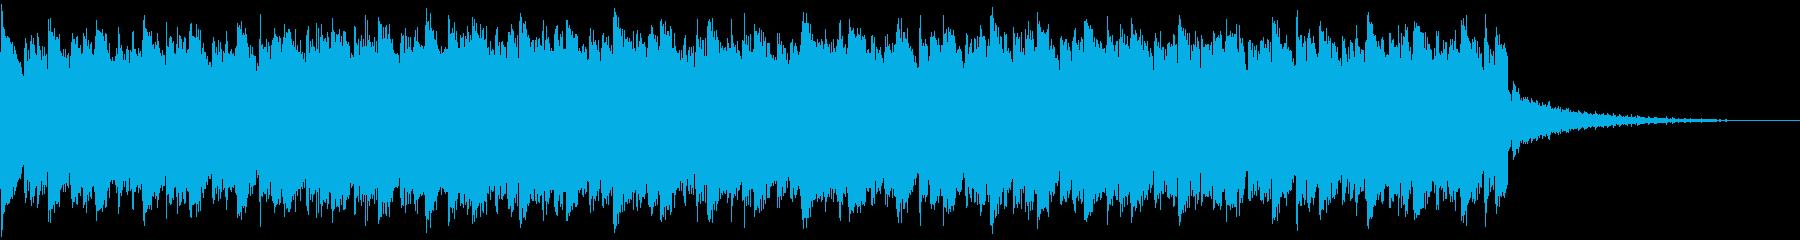 近未来系ゲームCM、予告映像、リズム無の再生済みの波形